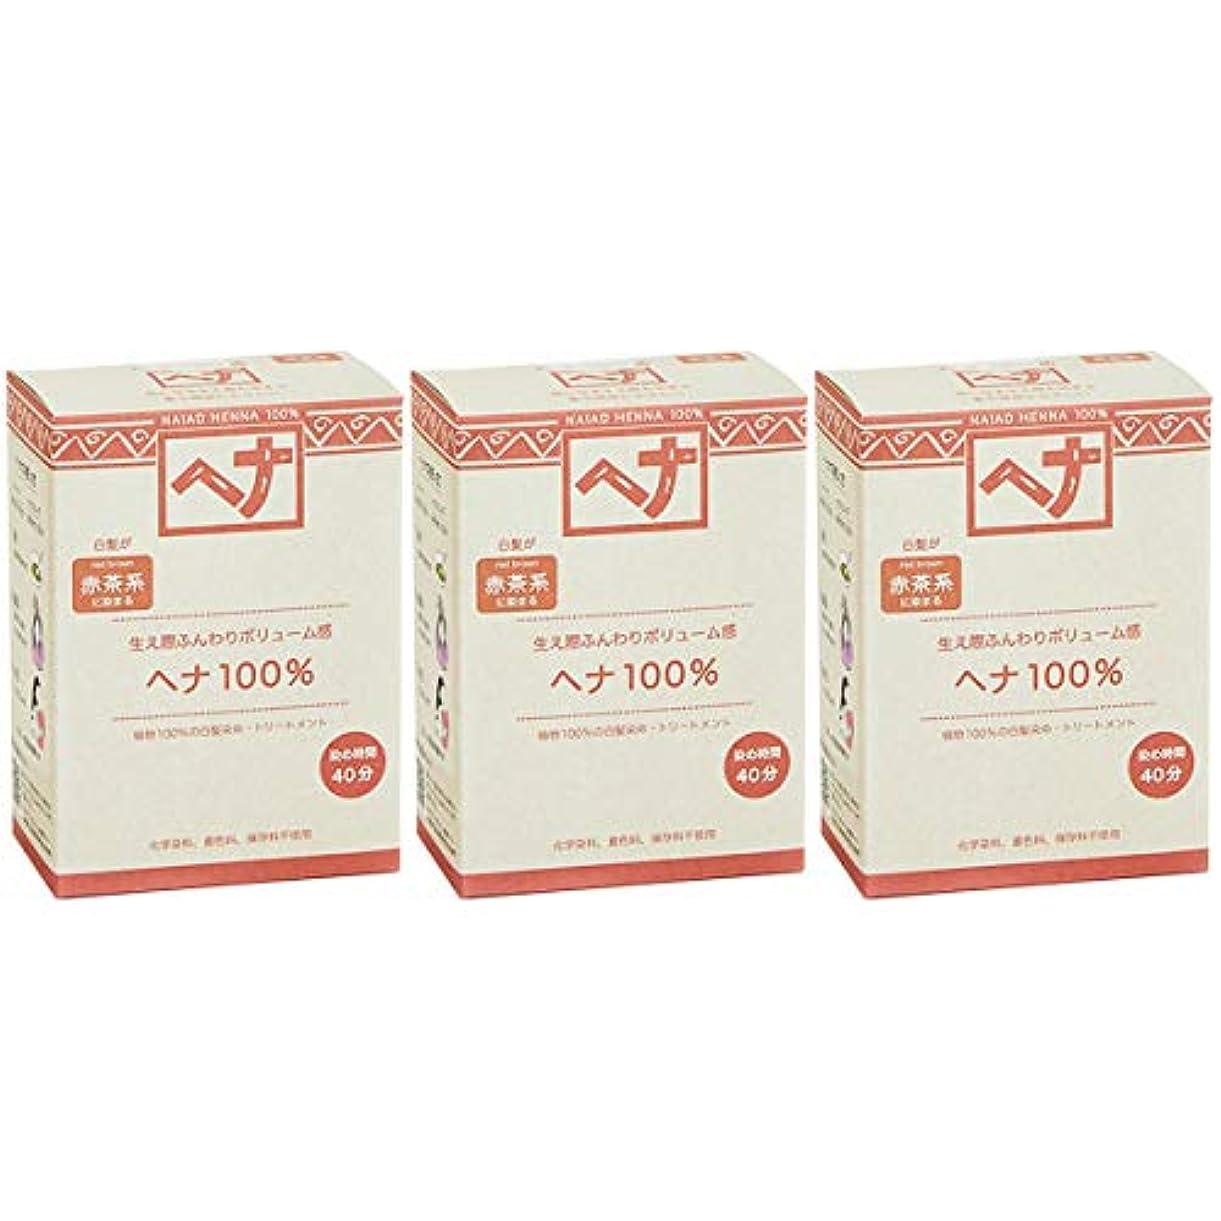 不条理閉じる夏ナイアード ヘナ 100% 赤茶系 生え際ふんわりボリューム感 100g 3個セット 白髪染め 100%植物でつくられた自然素材